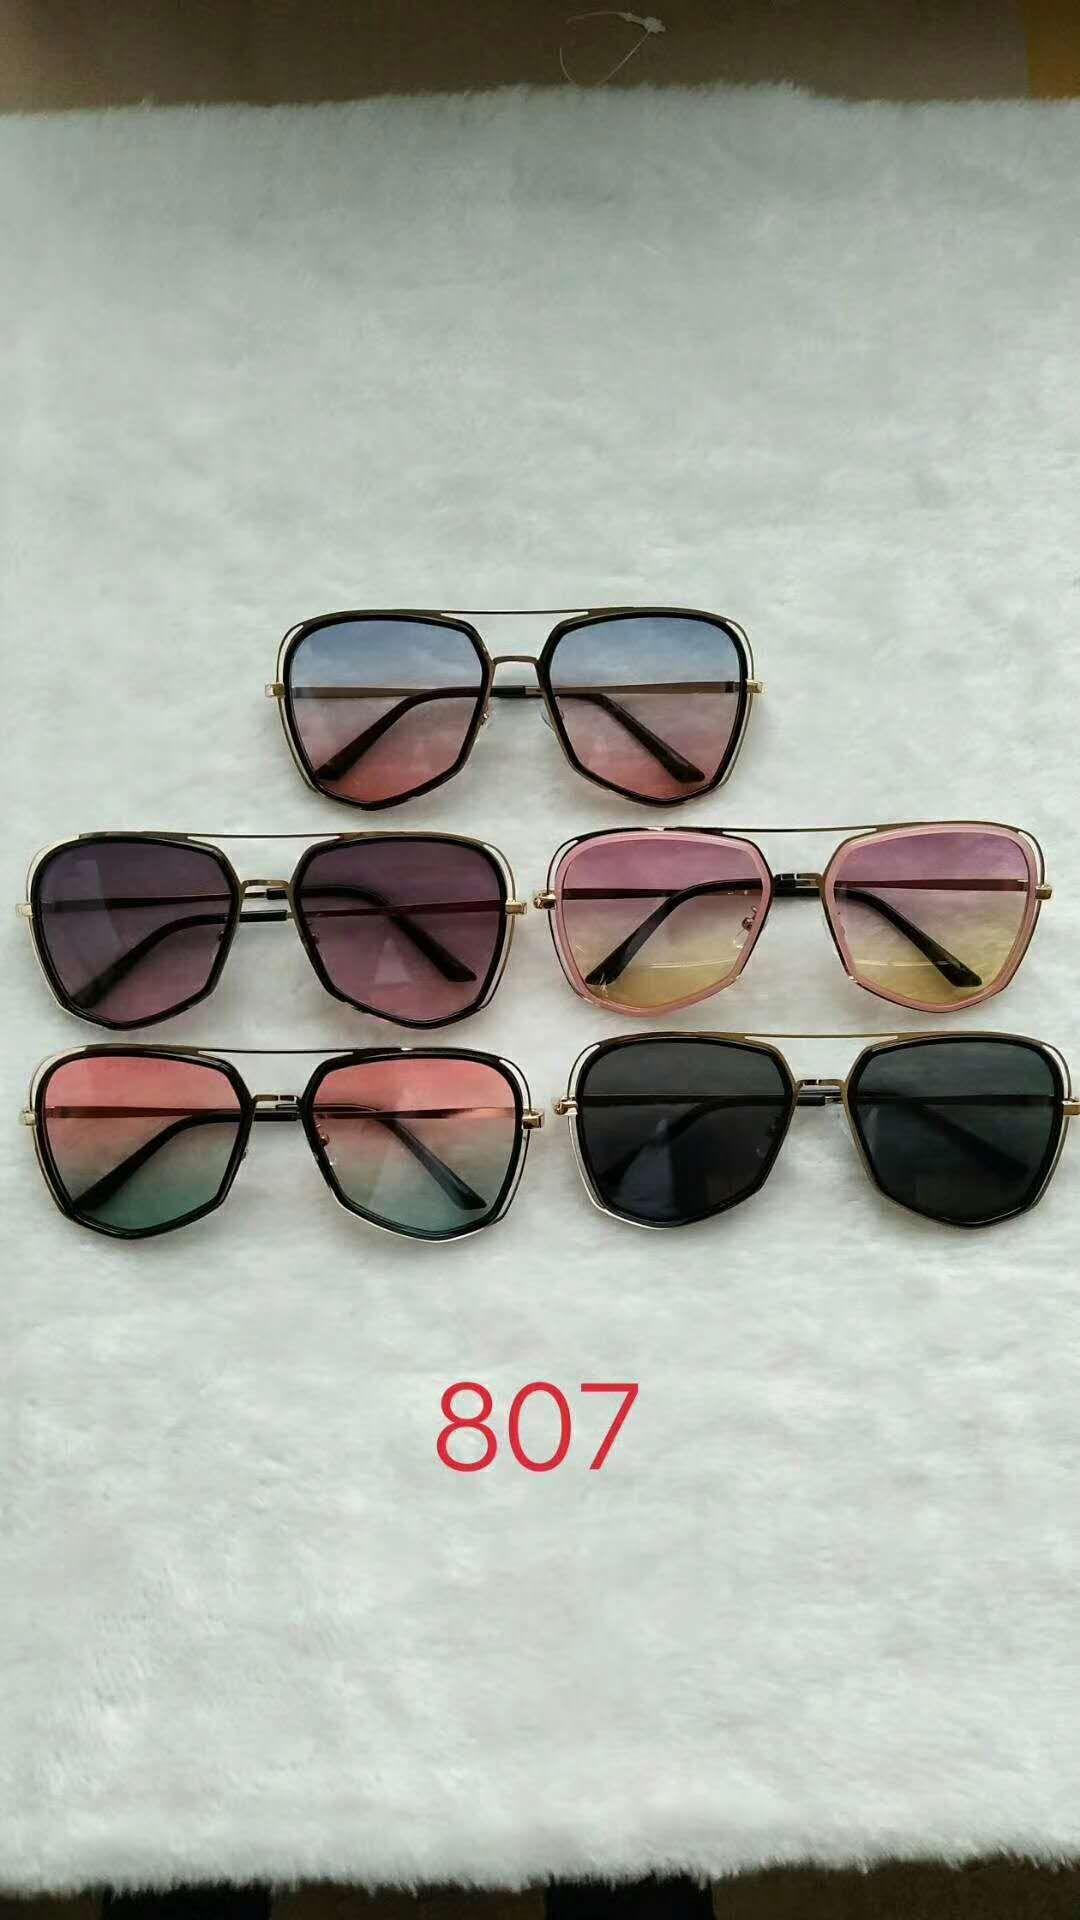 时尚太阳眼镜 807可多色混装  热销产品 爆款产品